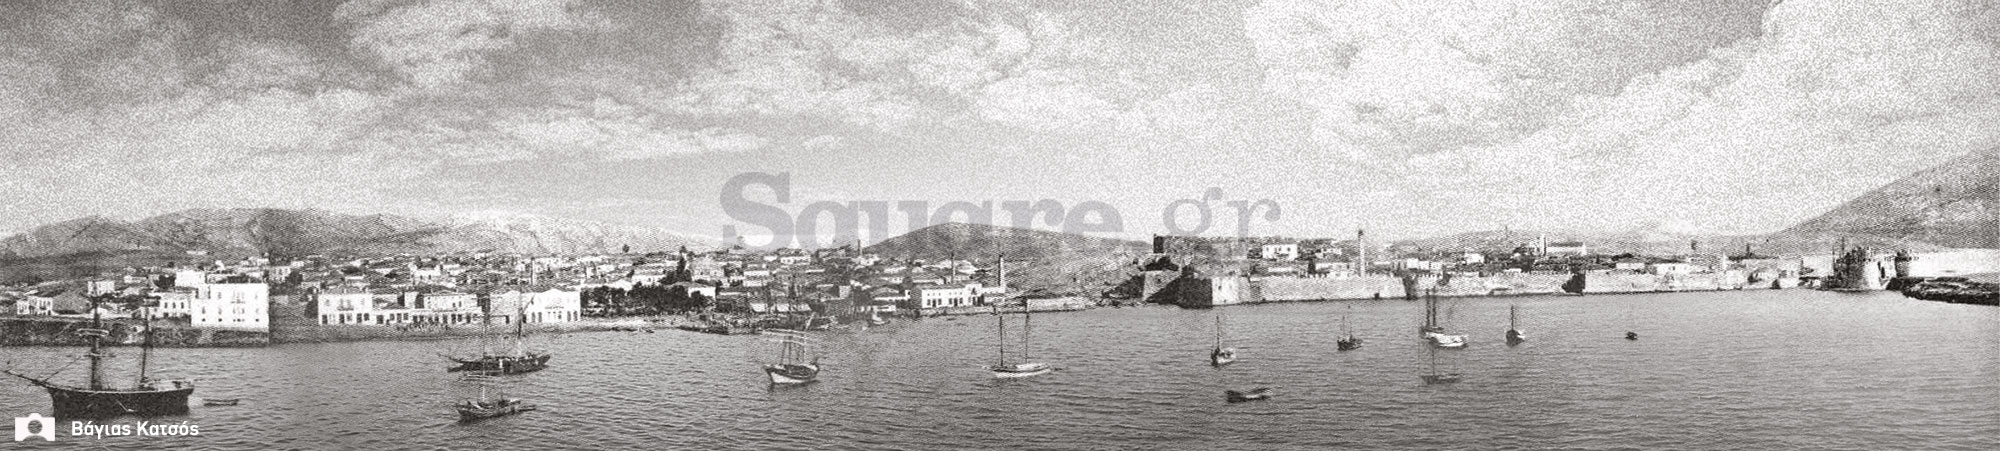 1-17-η-παλαιότερη-πανοραμική-της-πόλης-Ιωαννίδης-ΕΕΣ